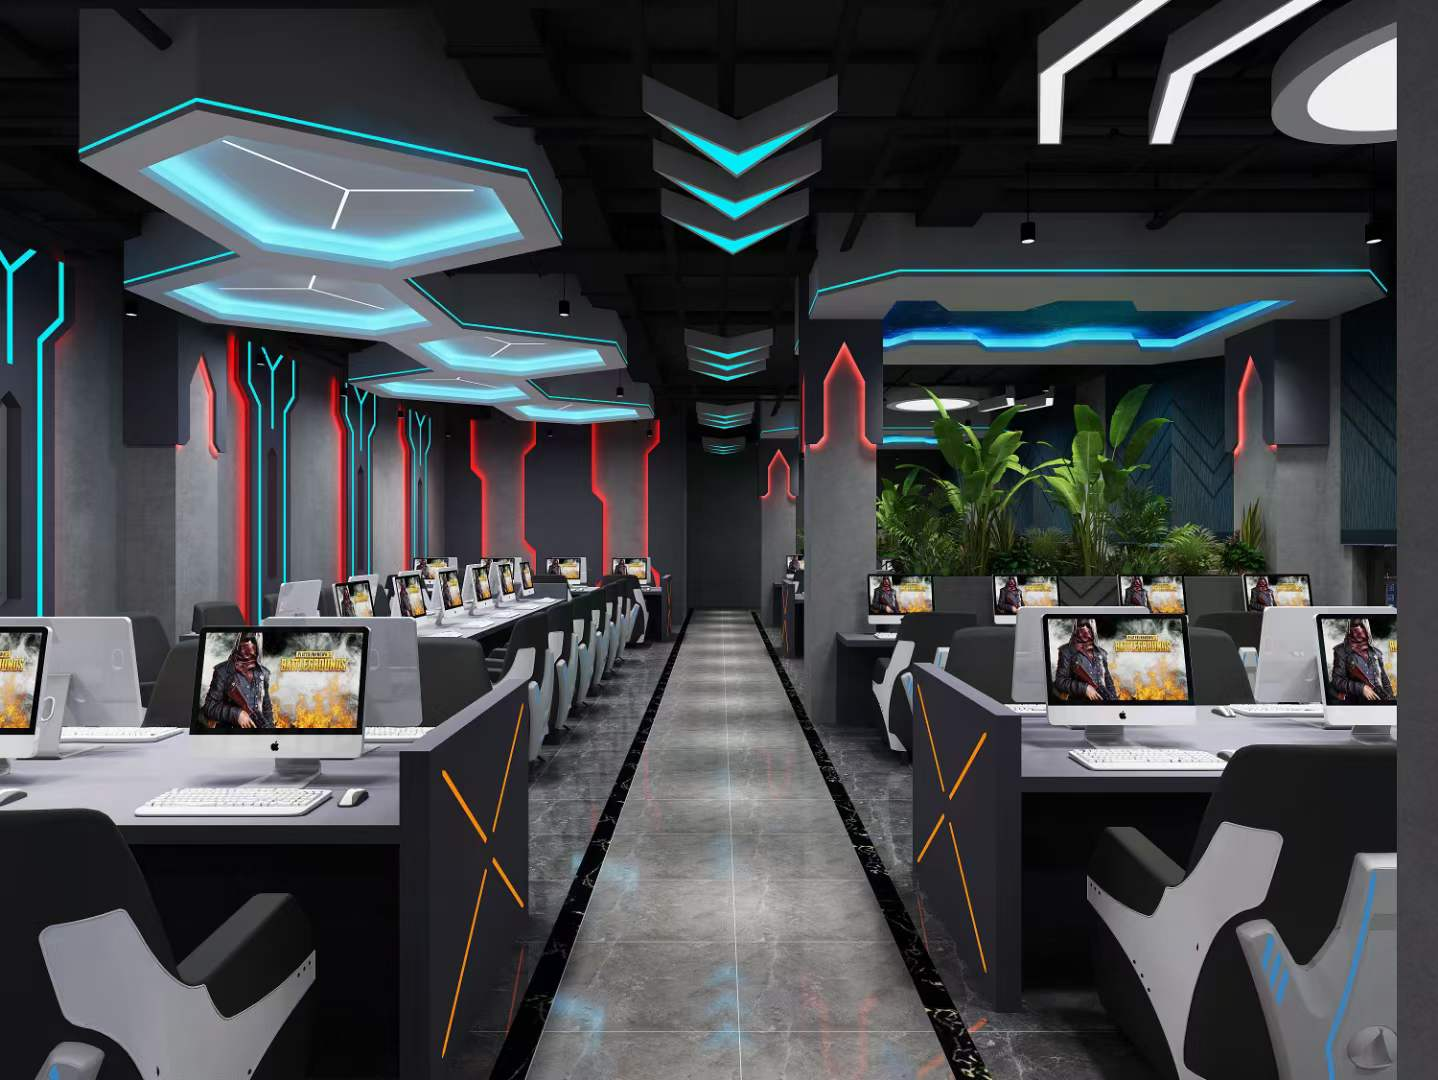 重庆网吧装修多少钱?网吧装修有哪些注意事项?